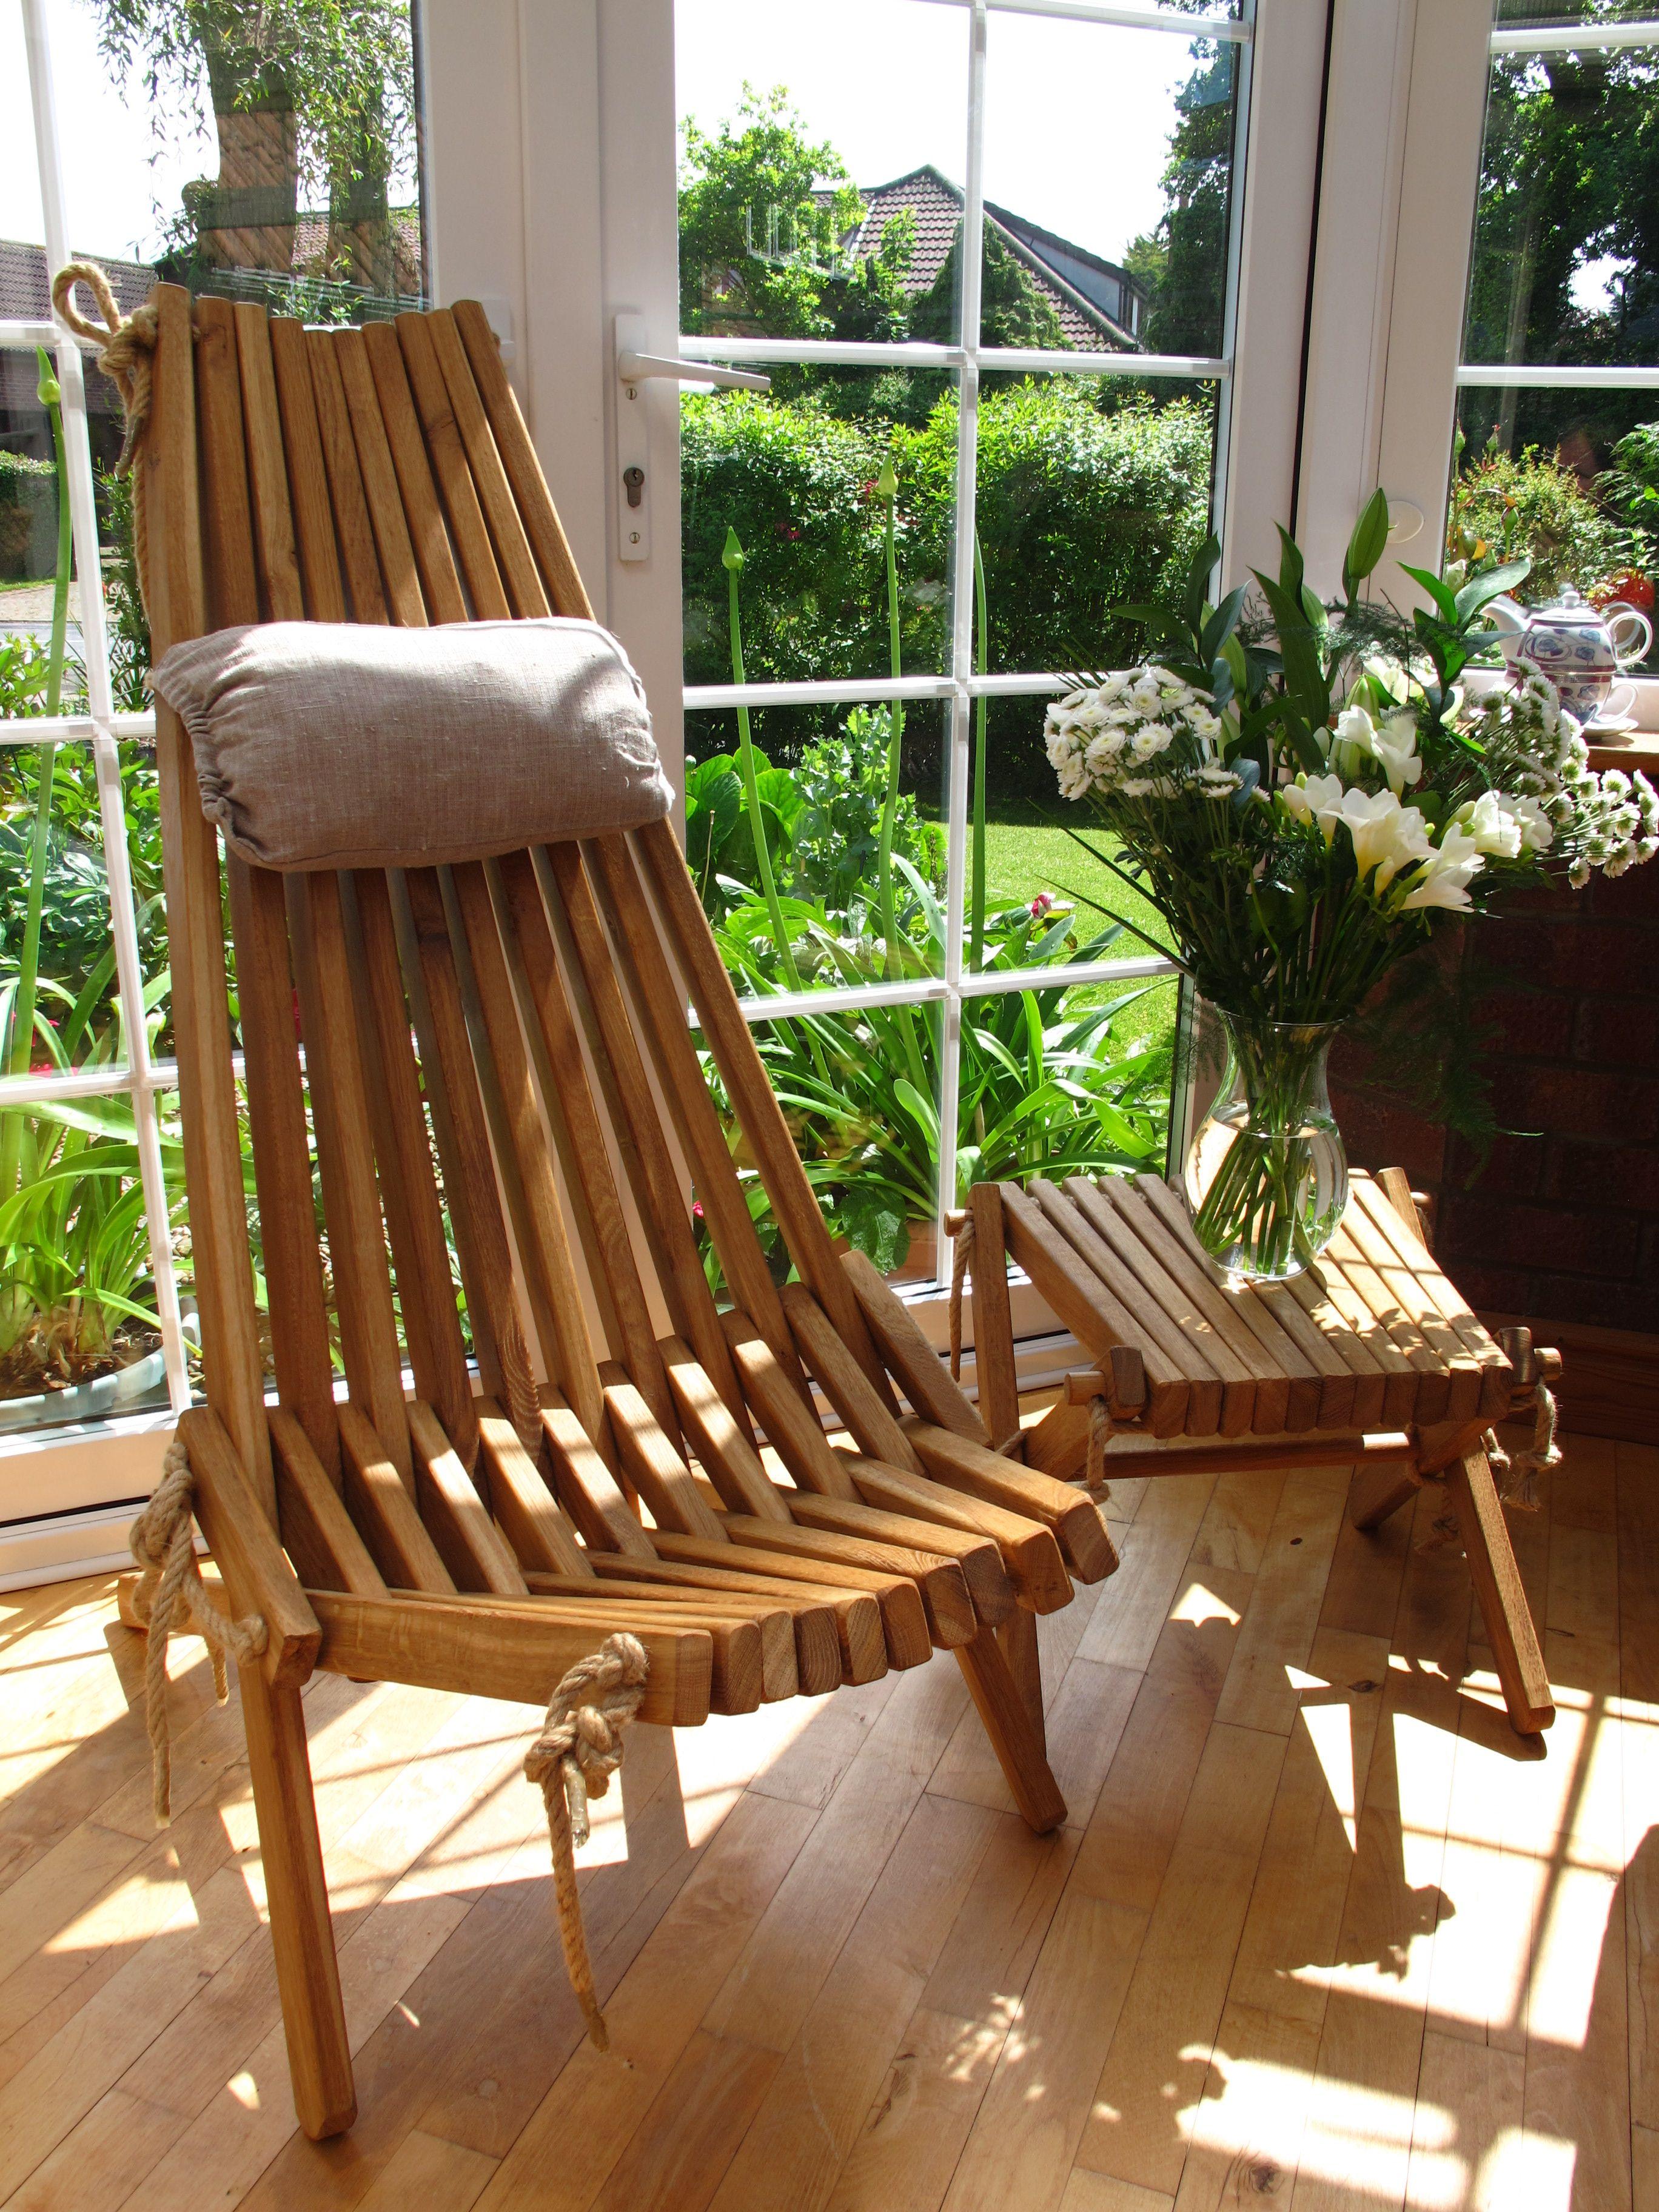 Nordeck Chair Modern Mint Scandinavian Outdoor Furniture Outdoor Seating Garden Chairs